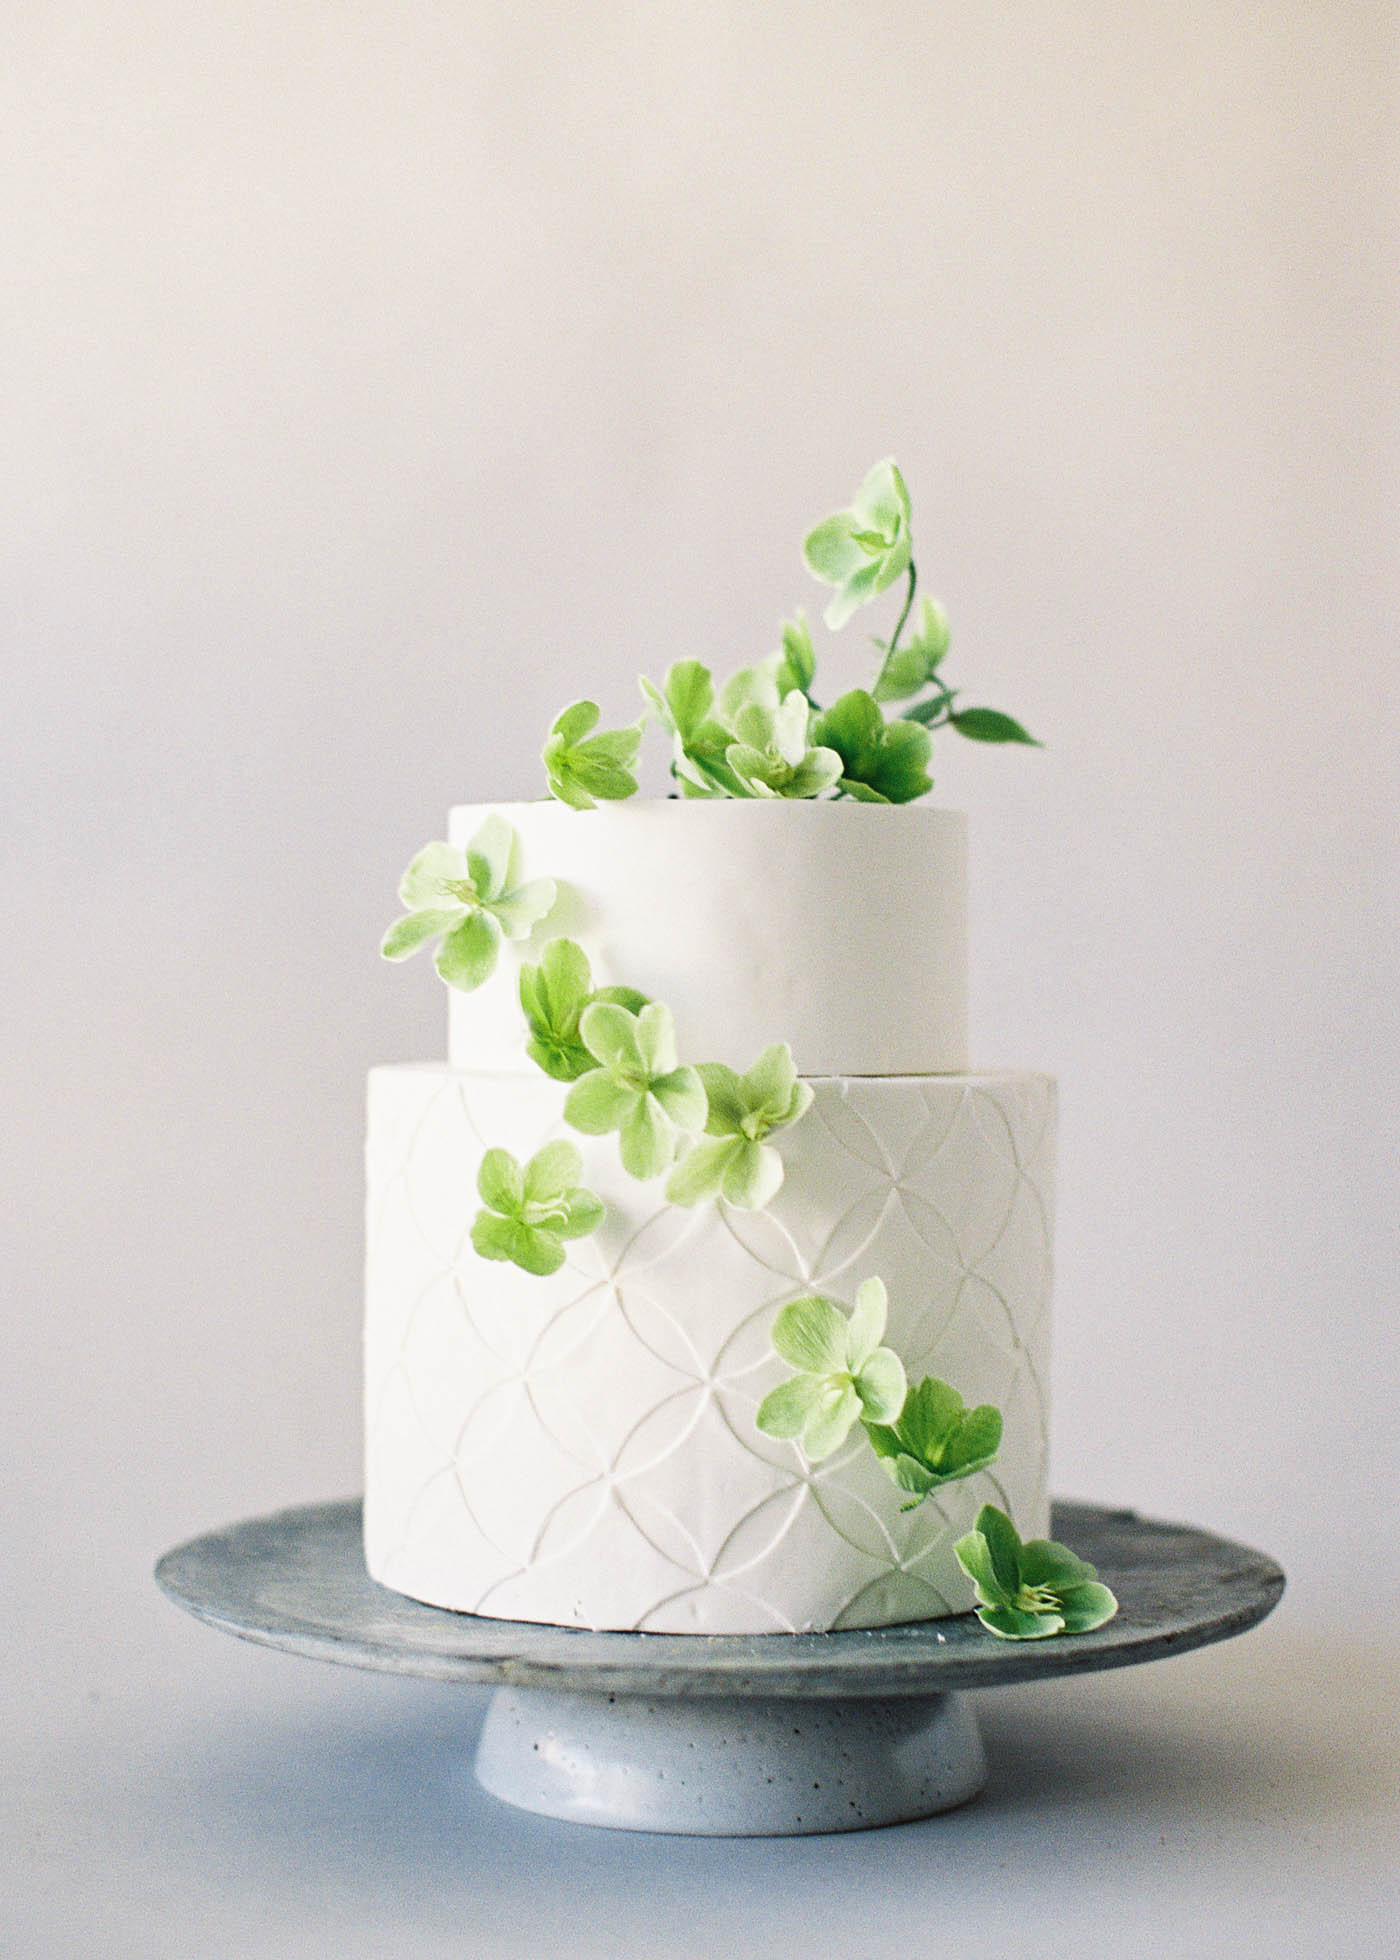 Cake-Favorites-16-Jen_Huang-000486-R1-043-20.jpg